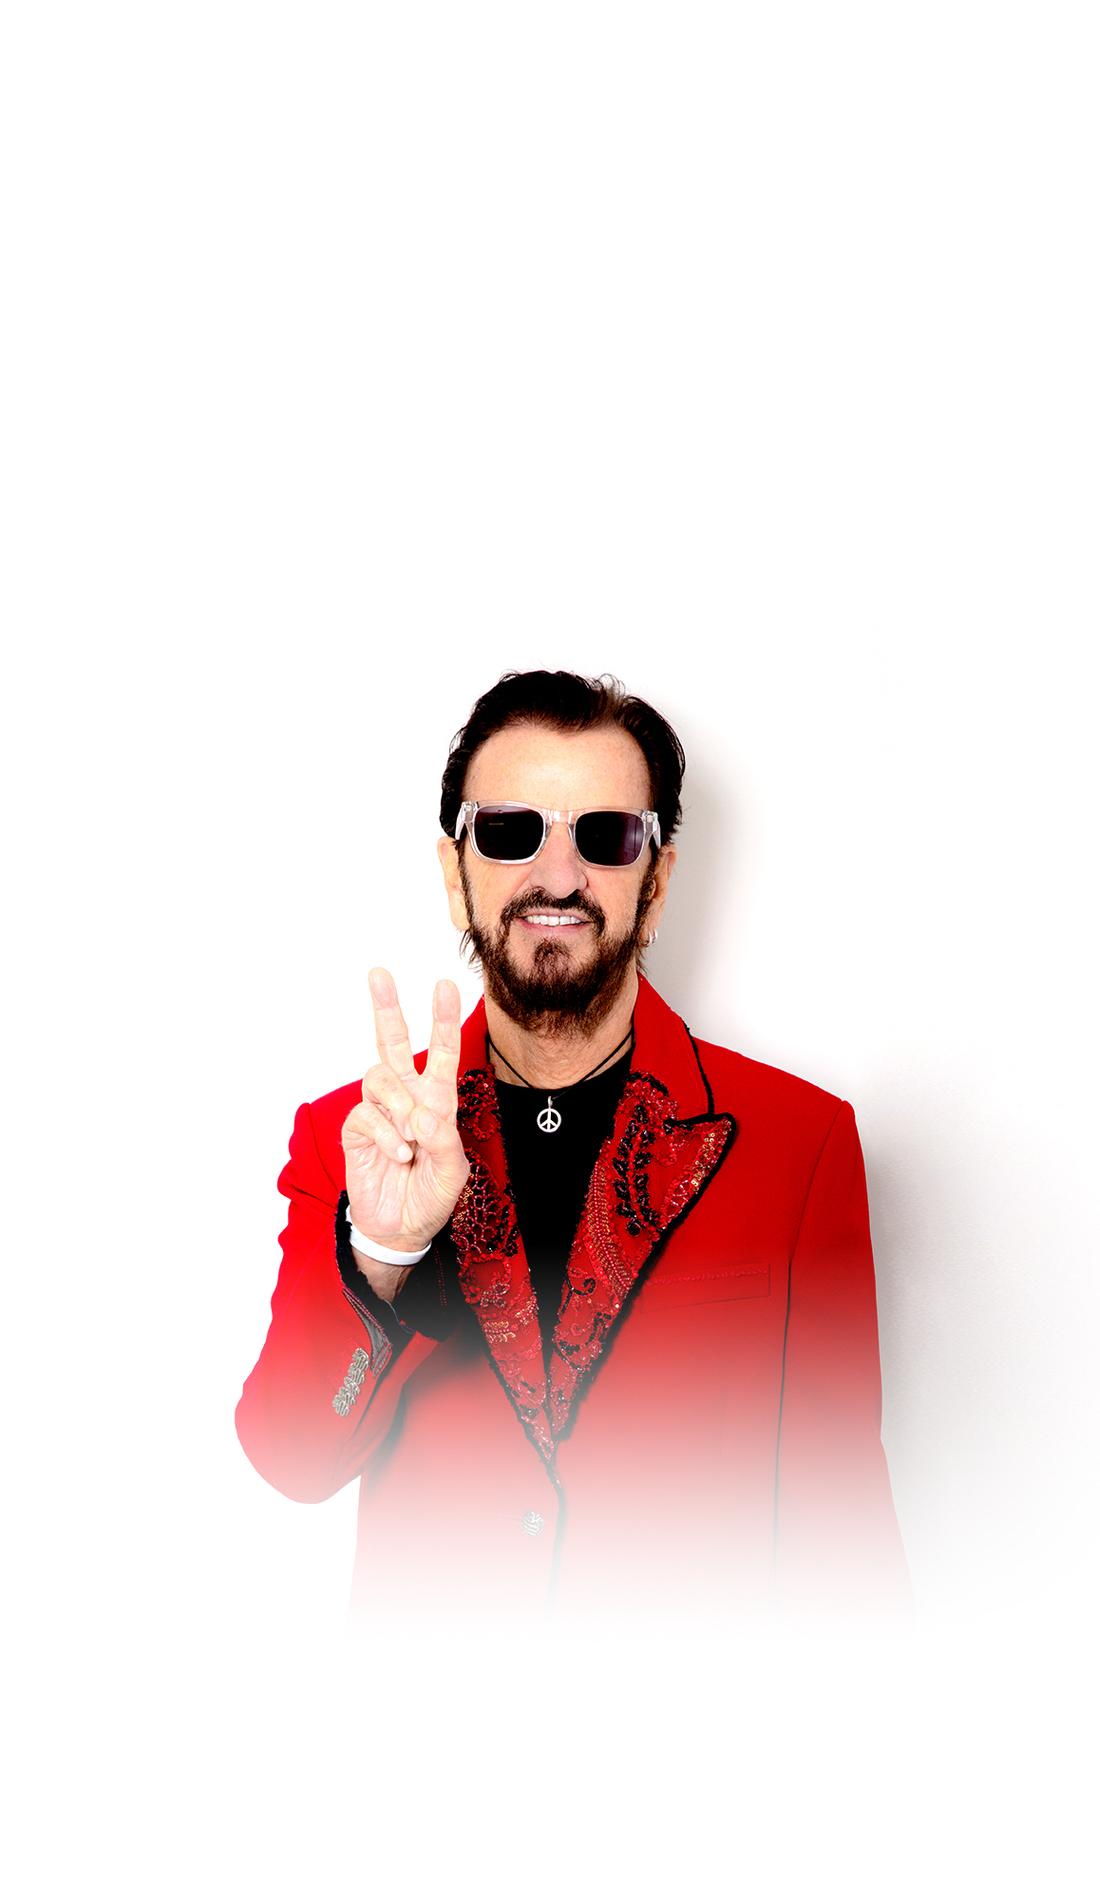 A Ringo Starr live event